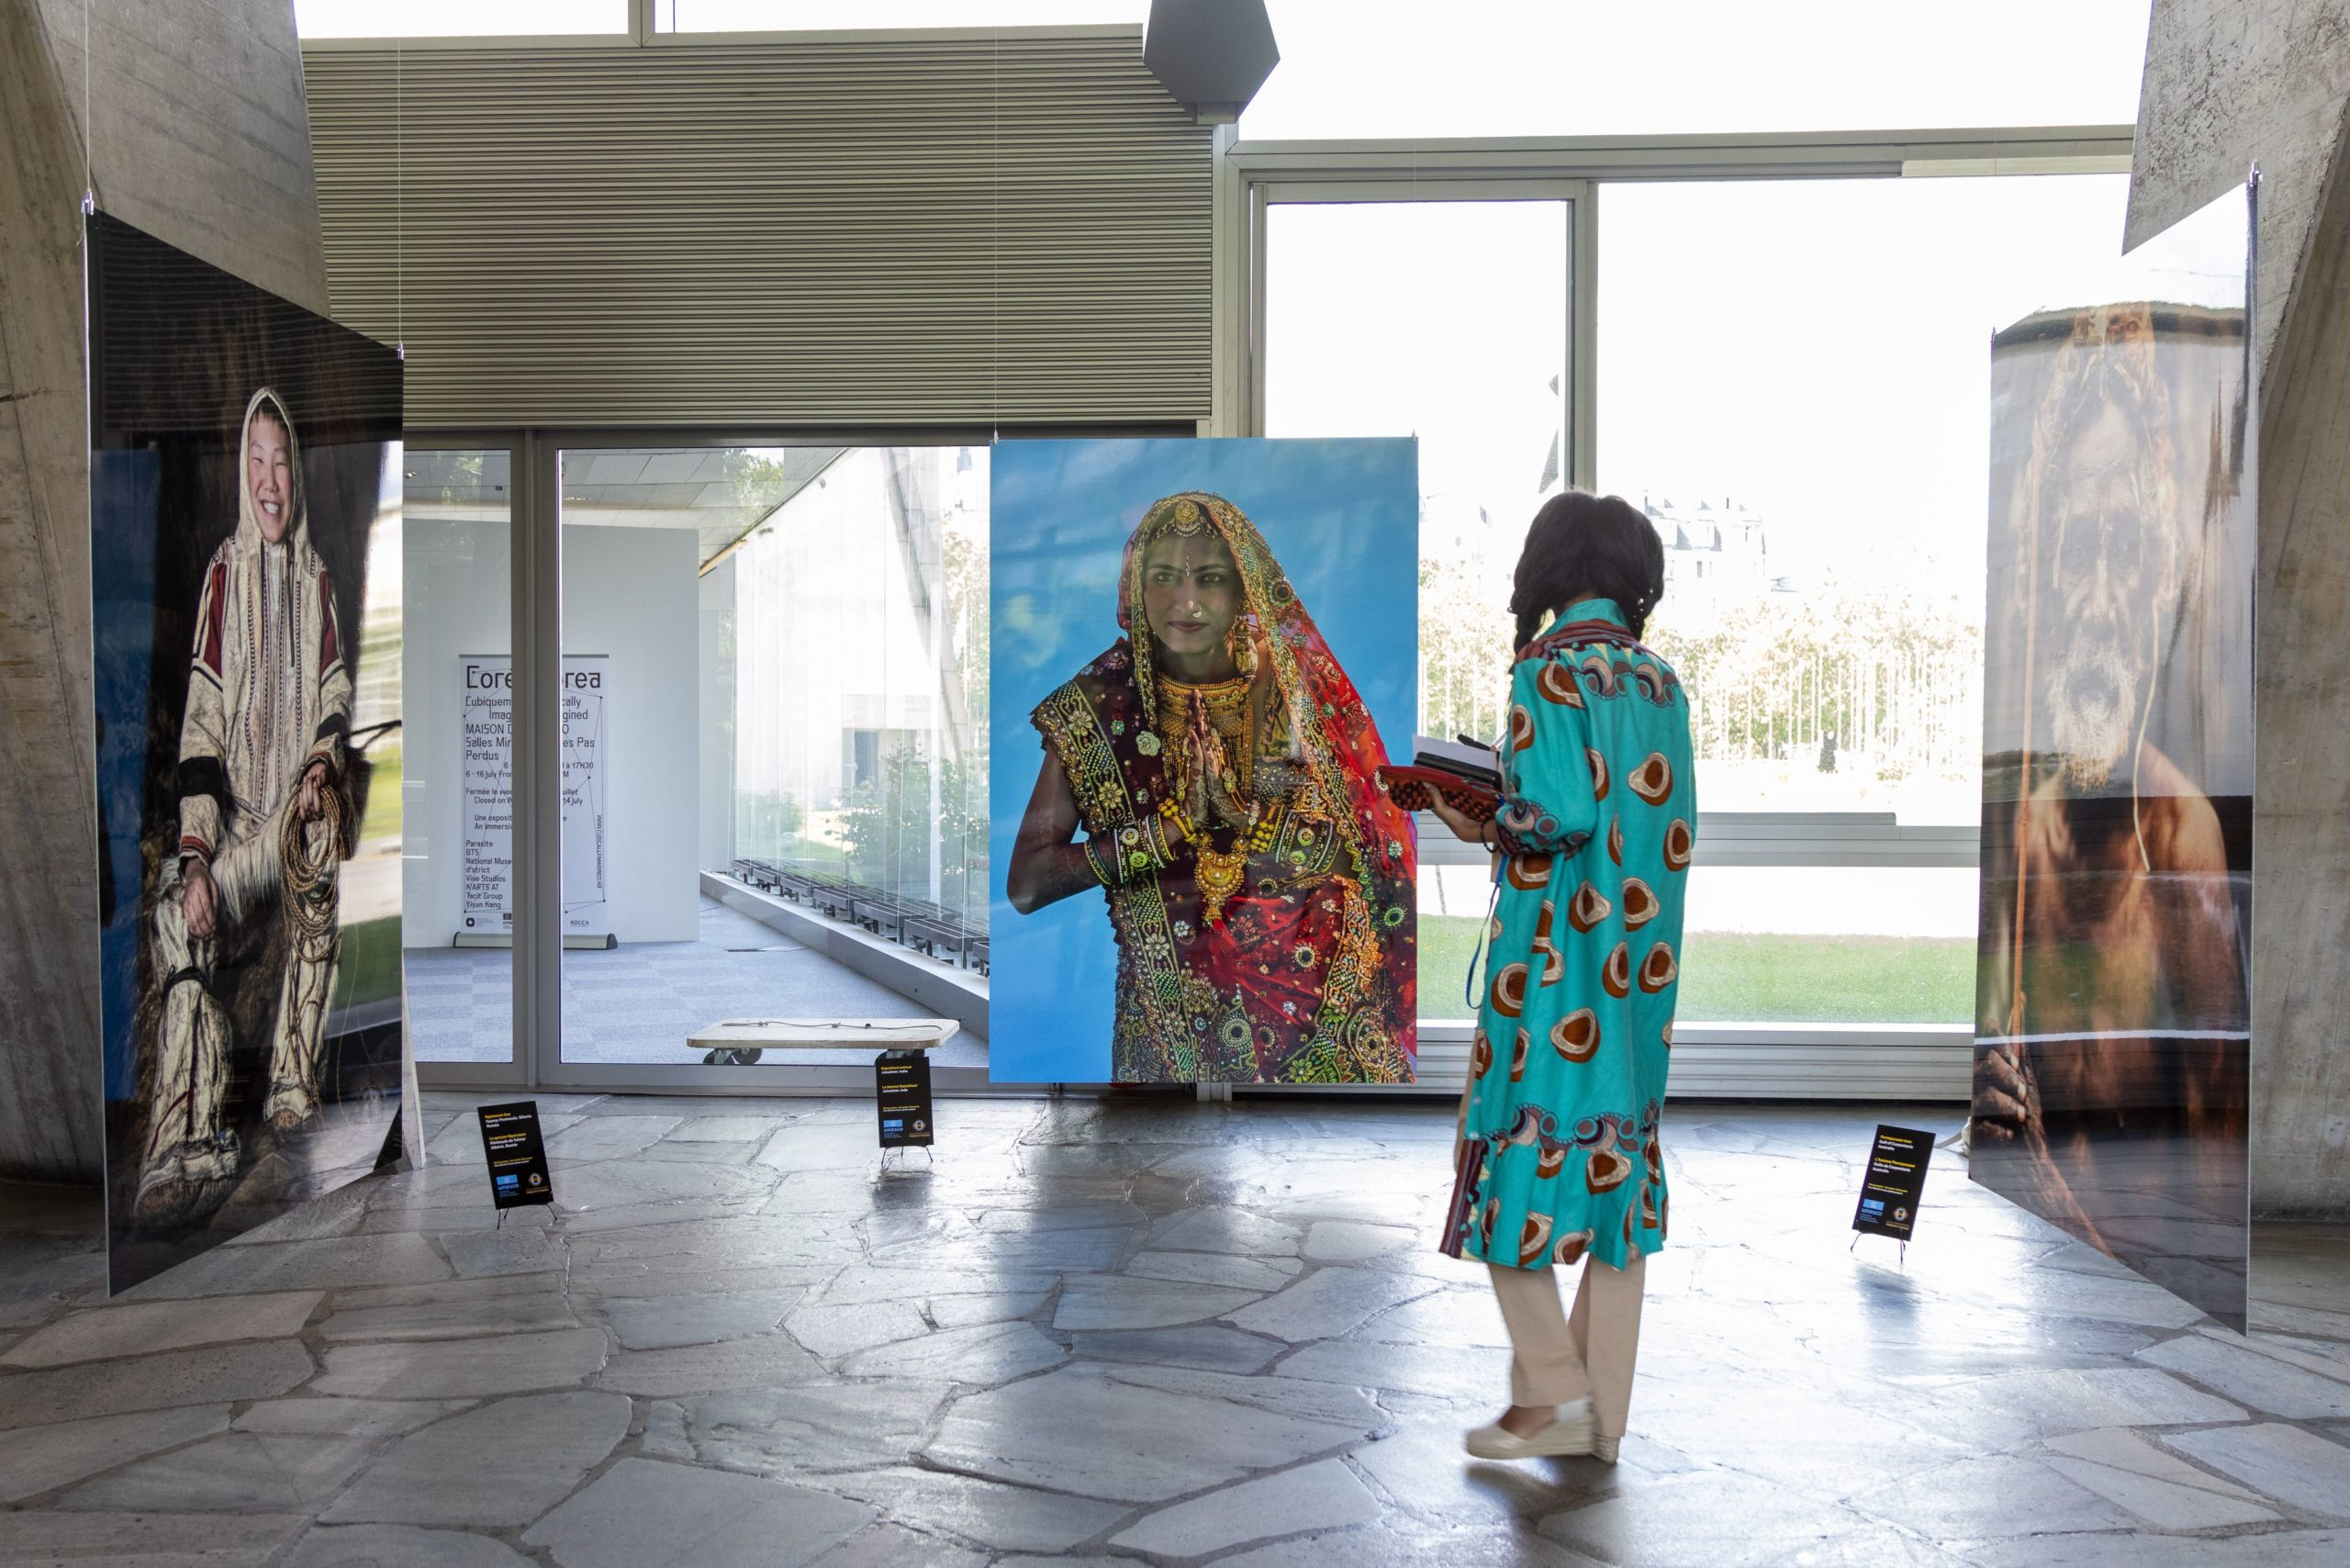 Les travaux du photographe russe ont été présentés au siège de l'UNESCO